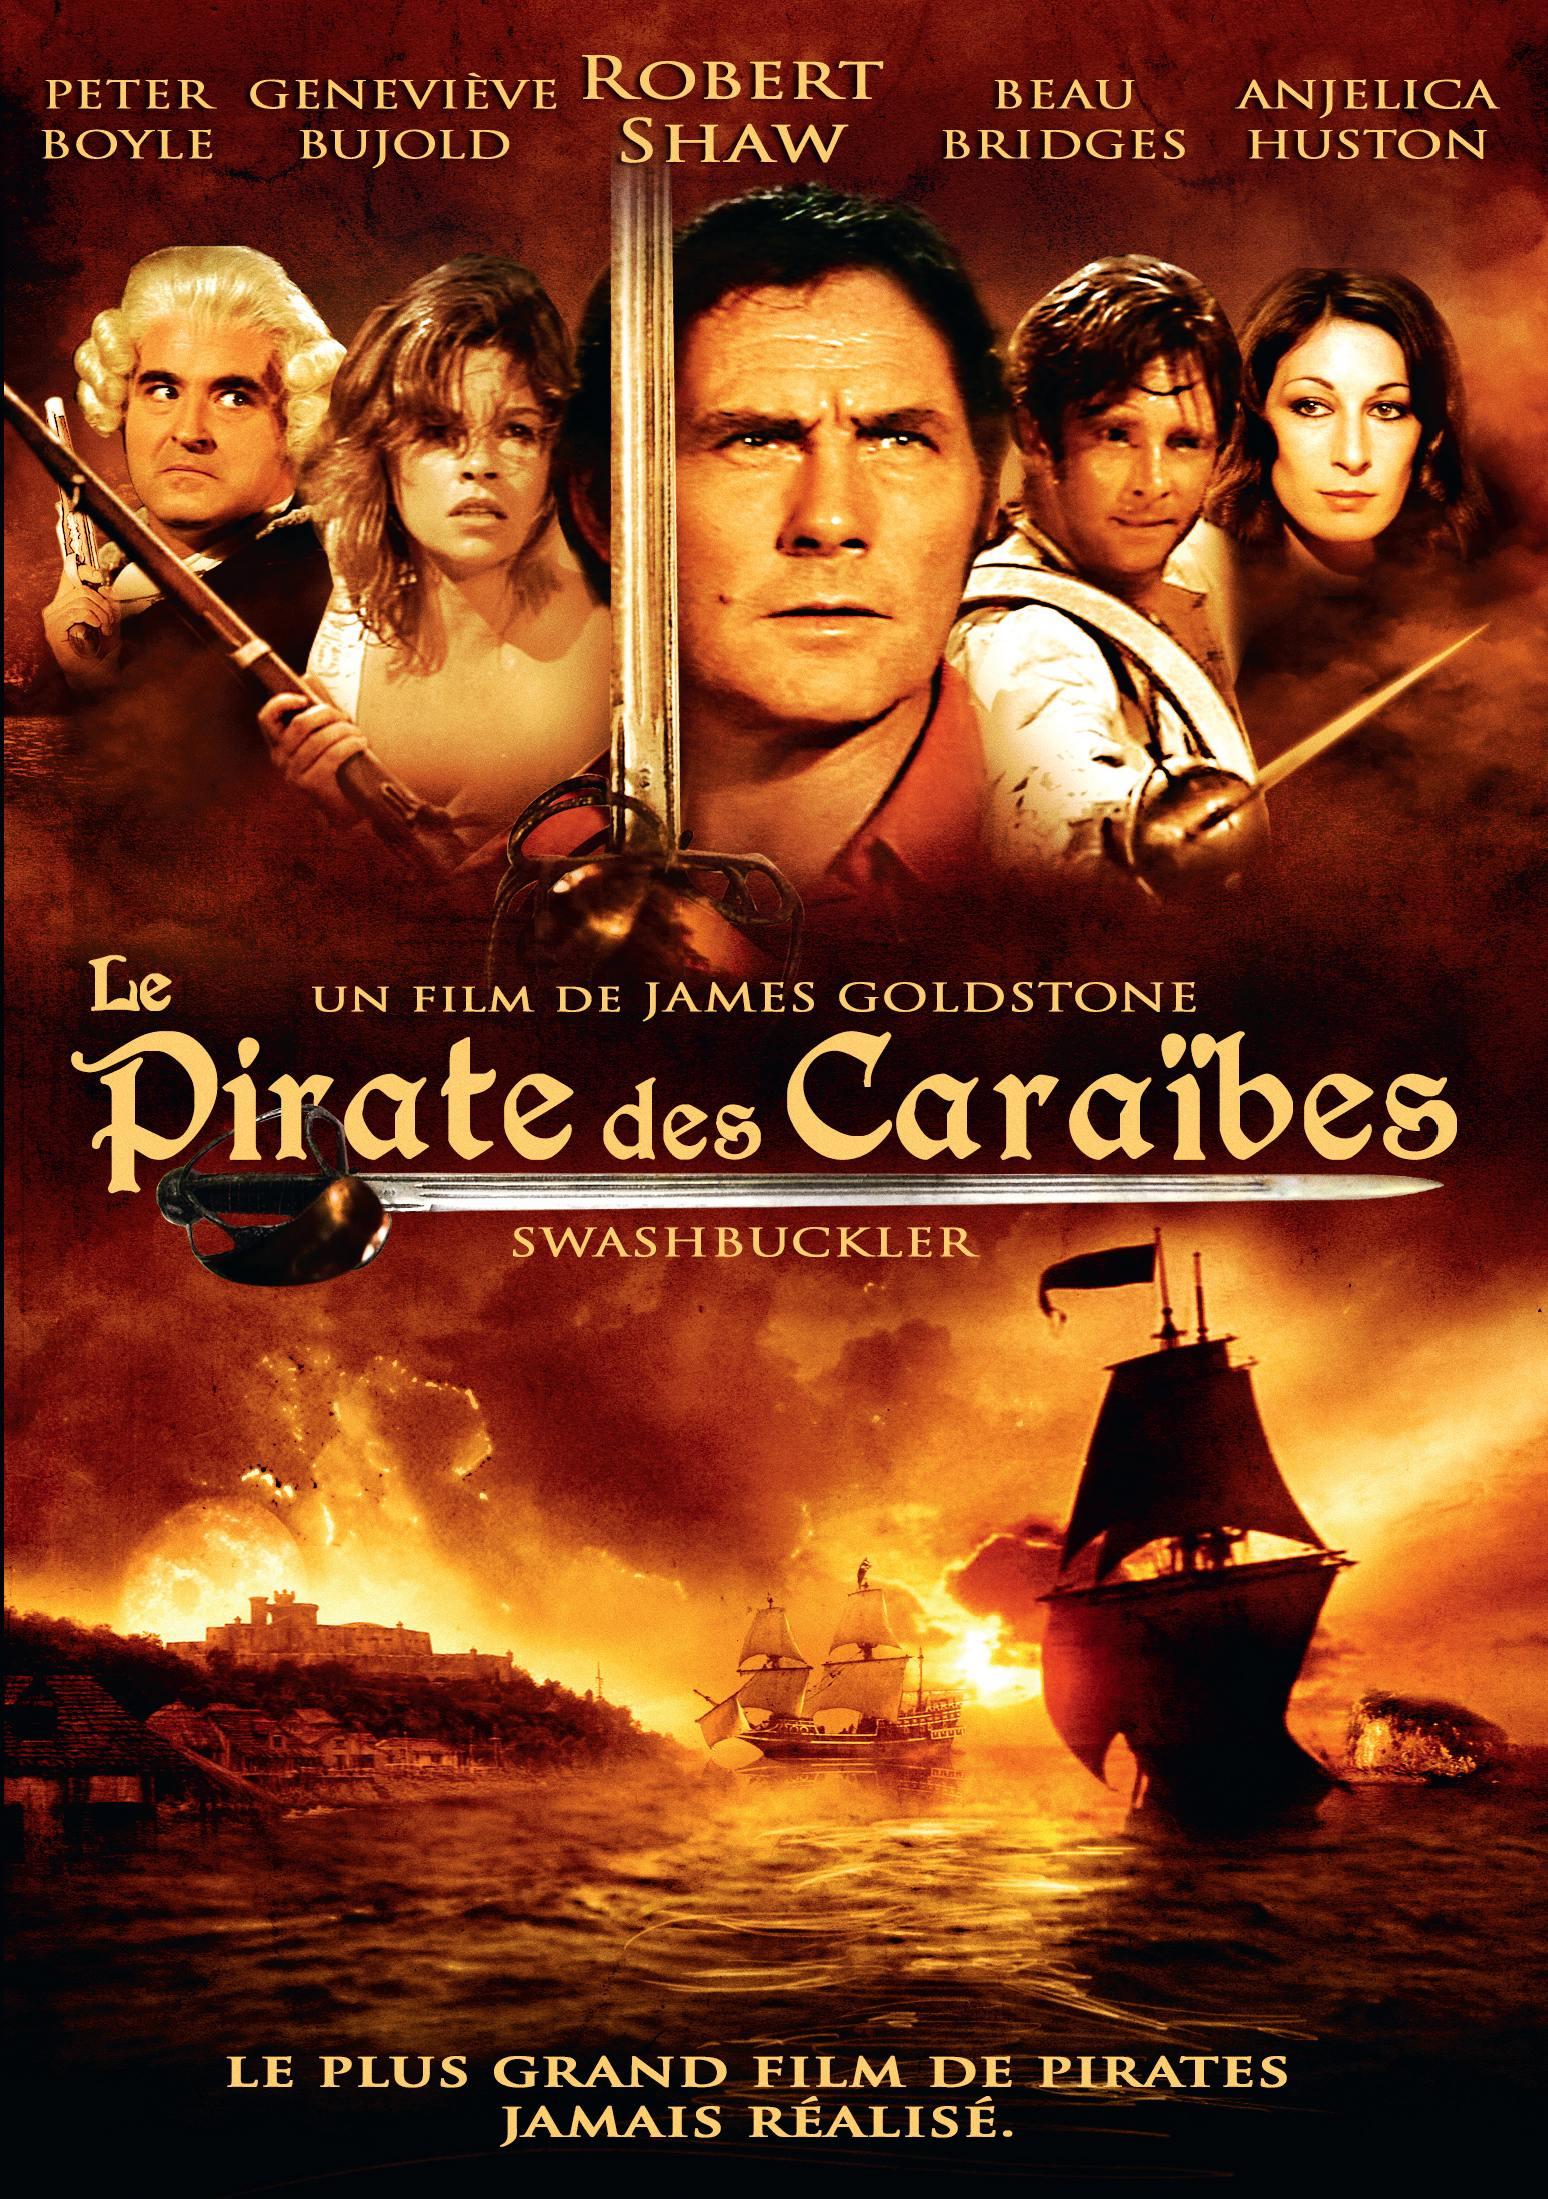 Pirate des caraibes (le) - dvd